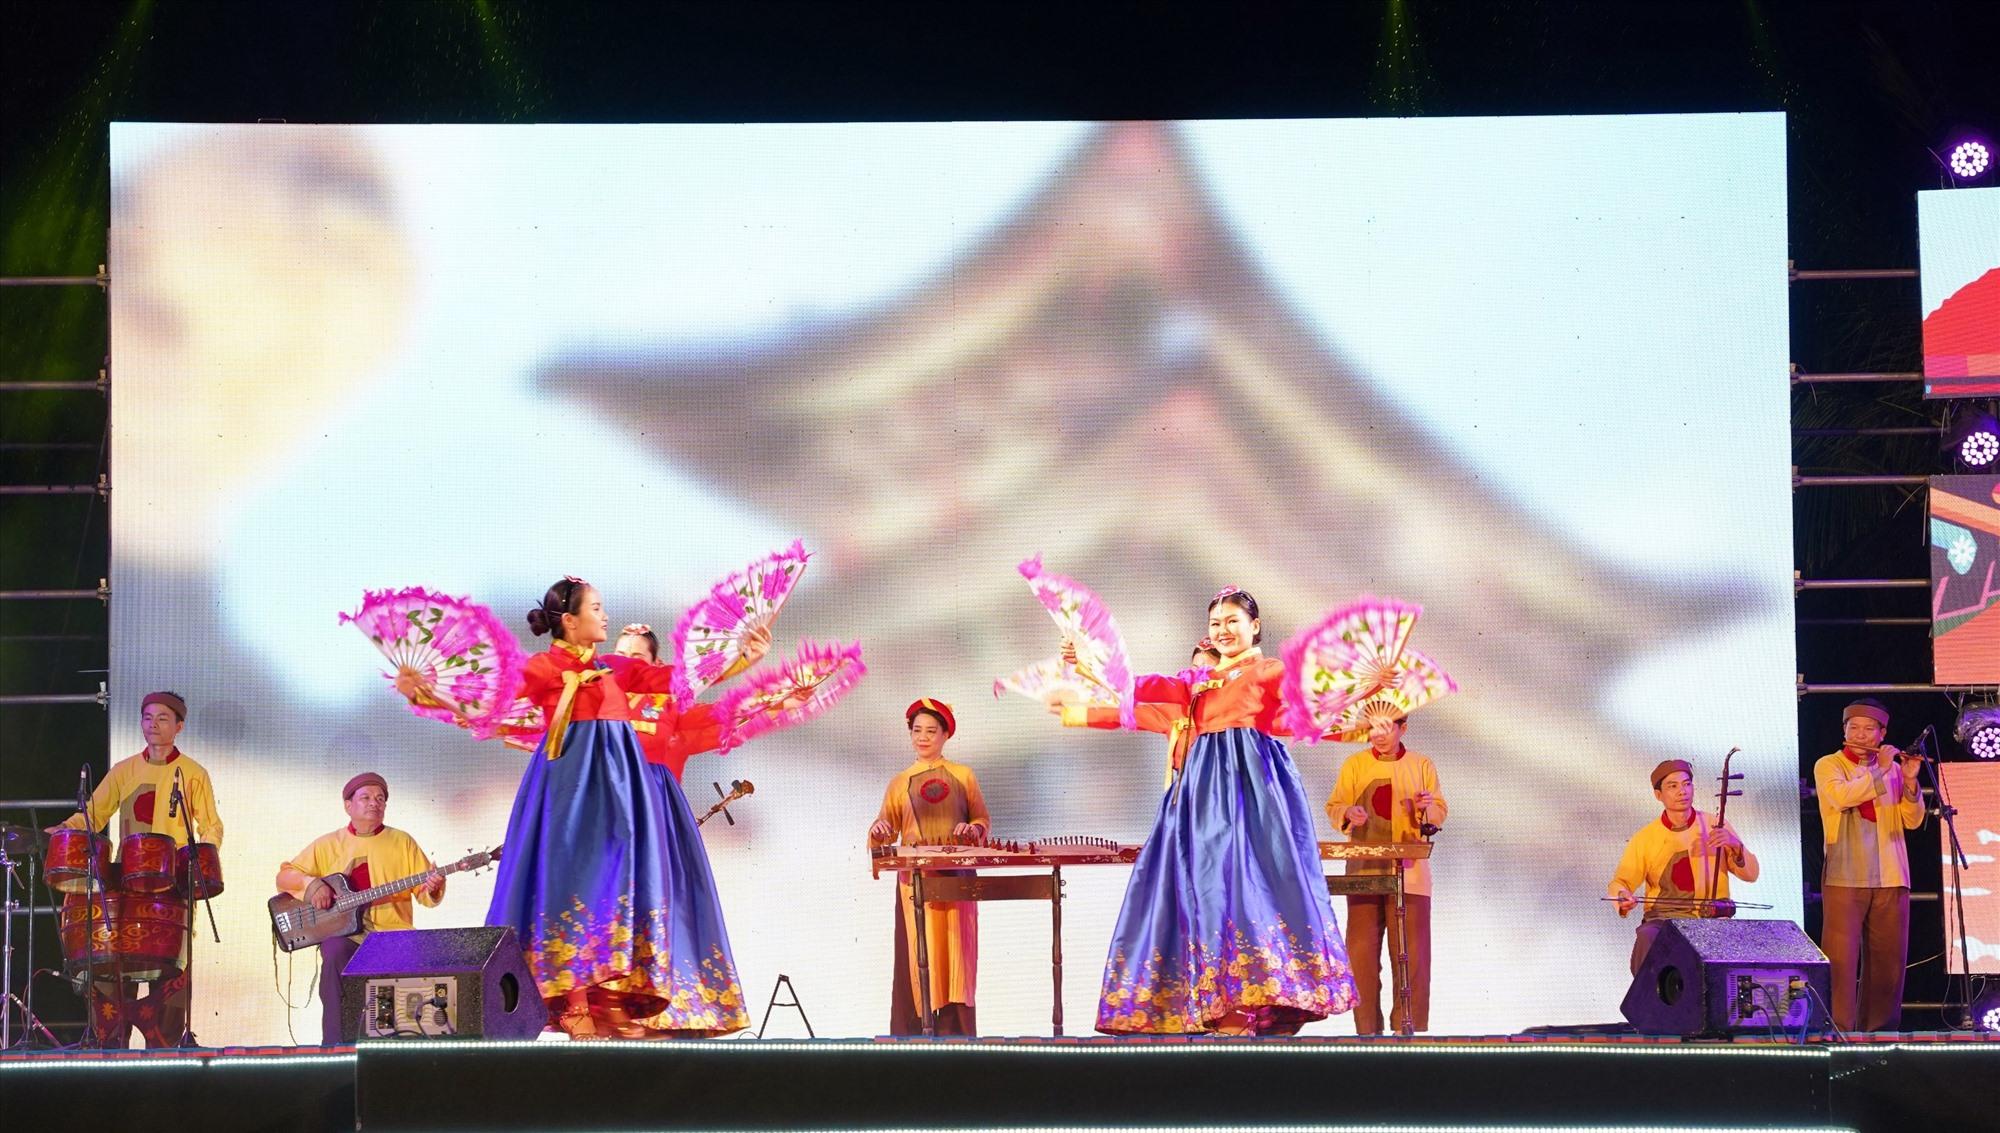 Đây là lần thứ 3 sự kiện Những ngày văn hóa Hàn Quốc tại Quảng Nam được tổ chức